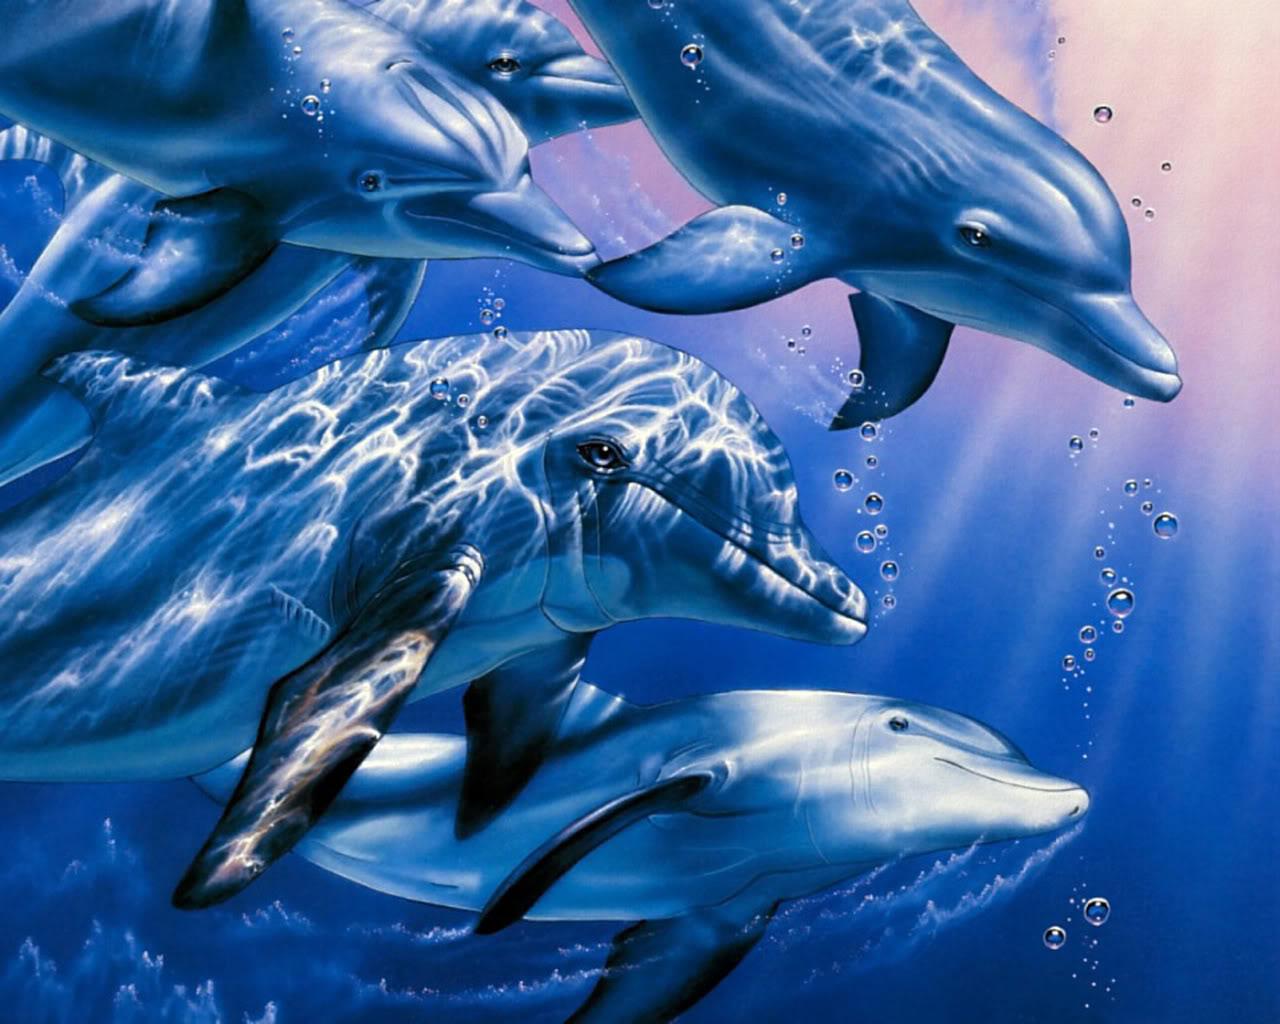 Backgrounds Dolphins Dolphins Dolphins Backgrounds Dolphin 1280x1024